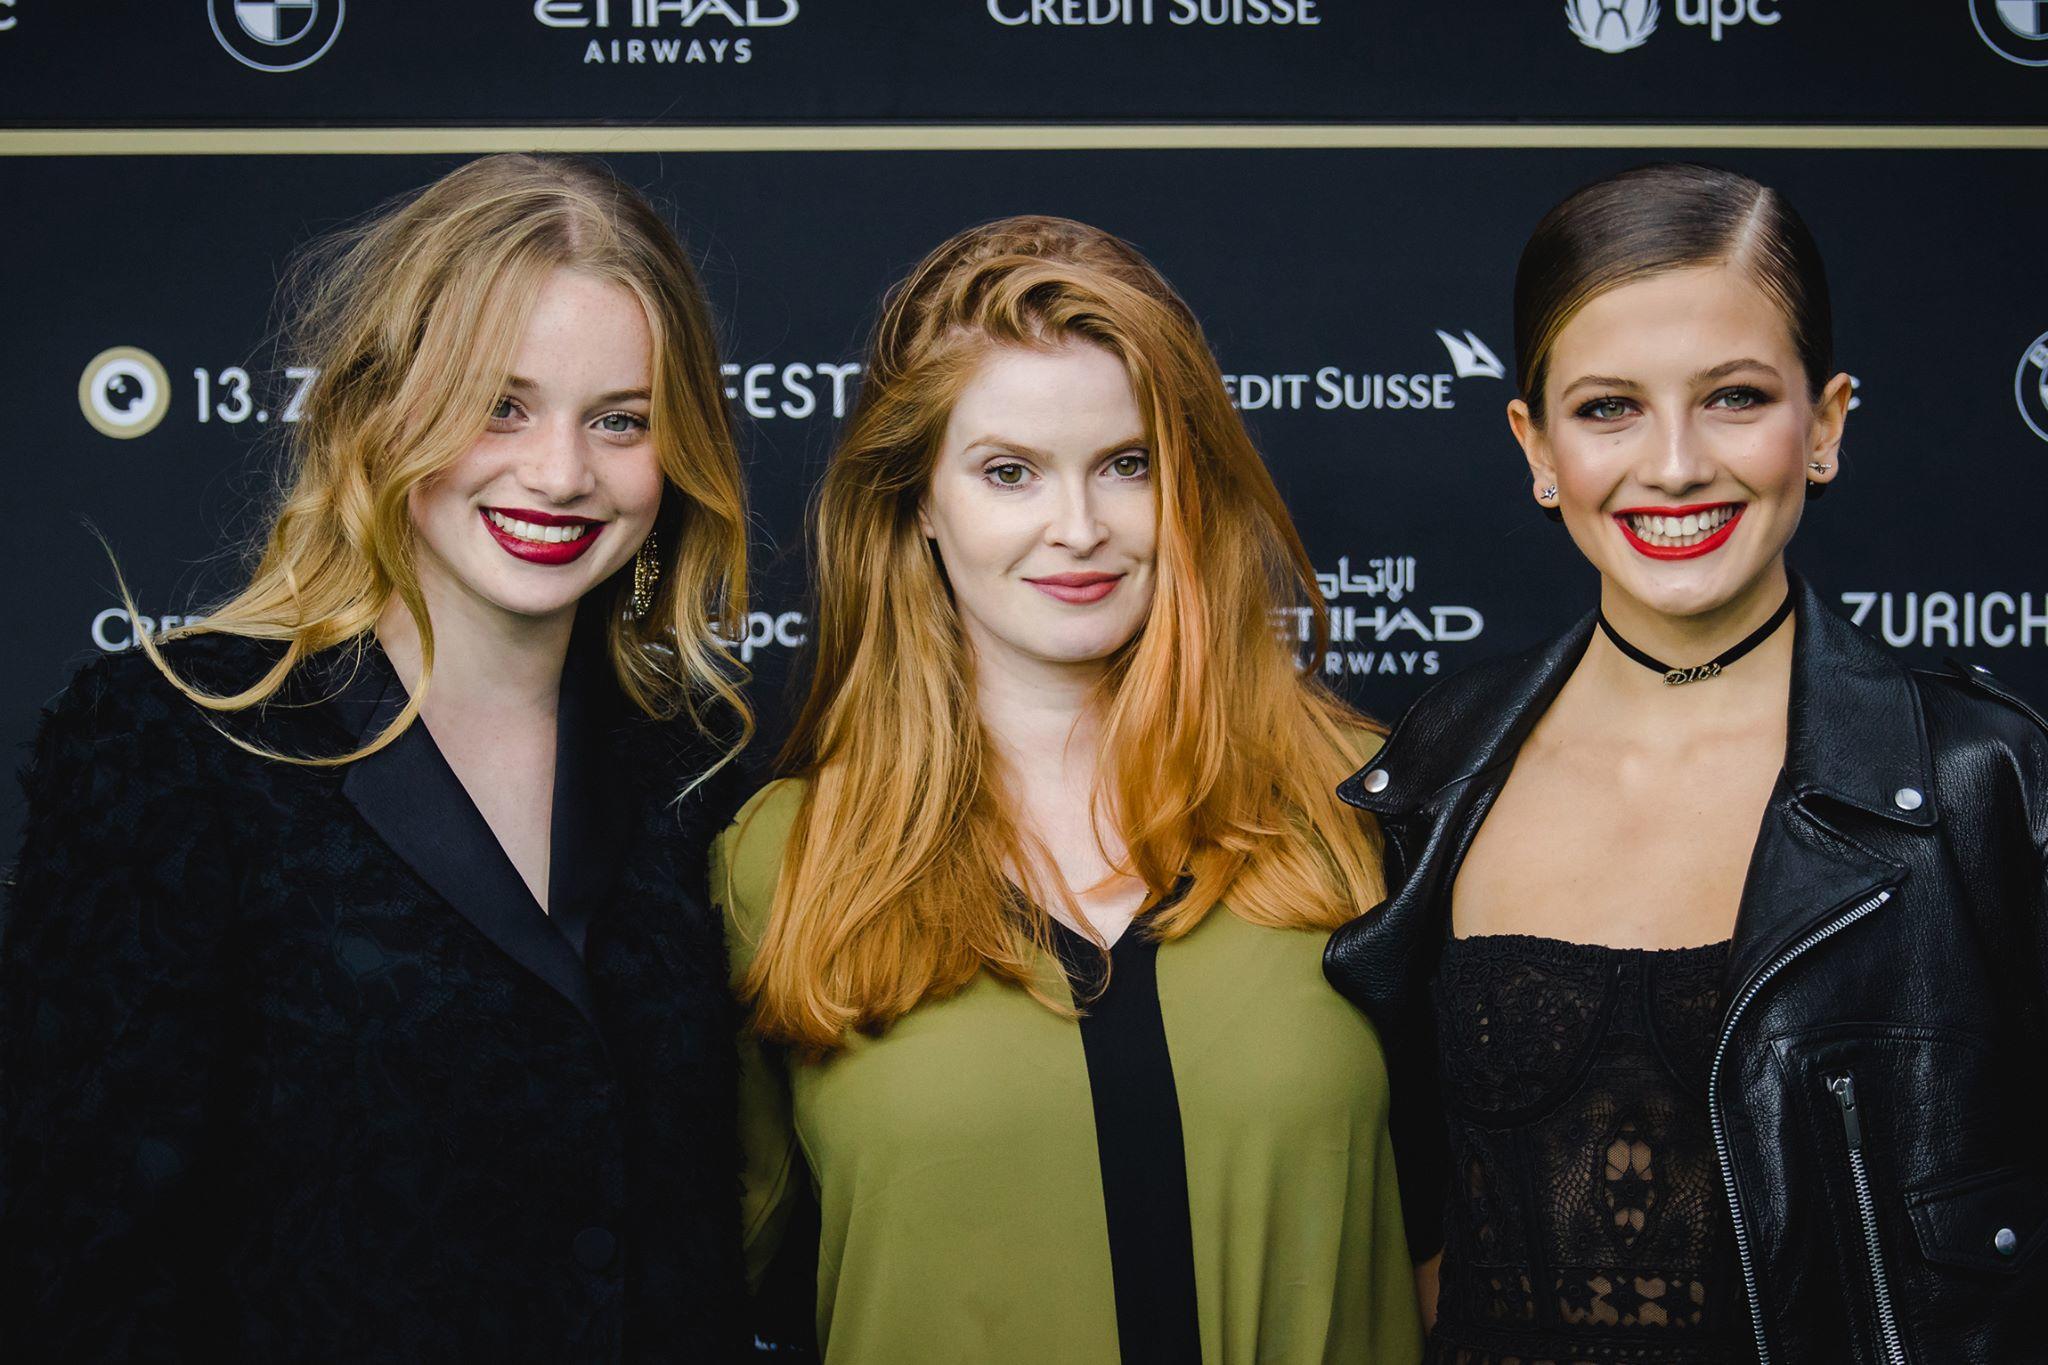 Luna Wedler, Lisa Brühlmann e Zoë Pastelle Holthuizen